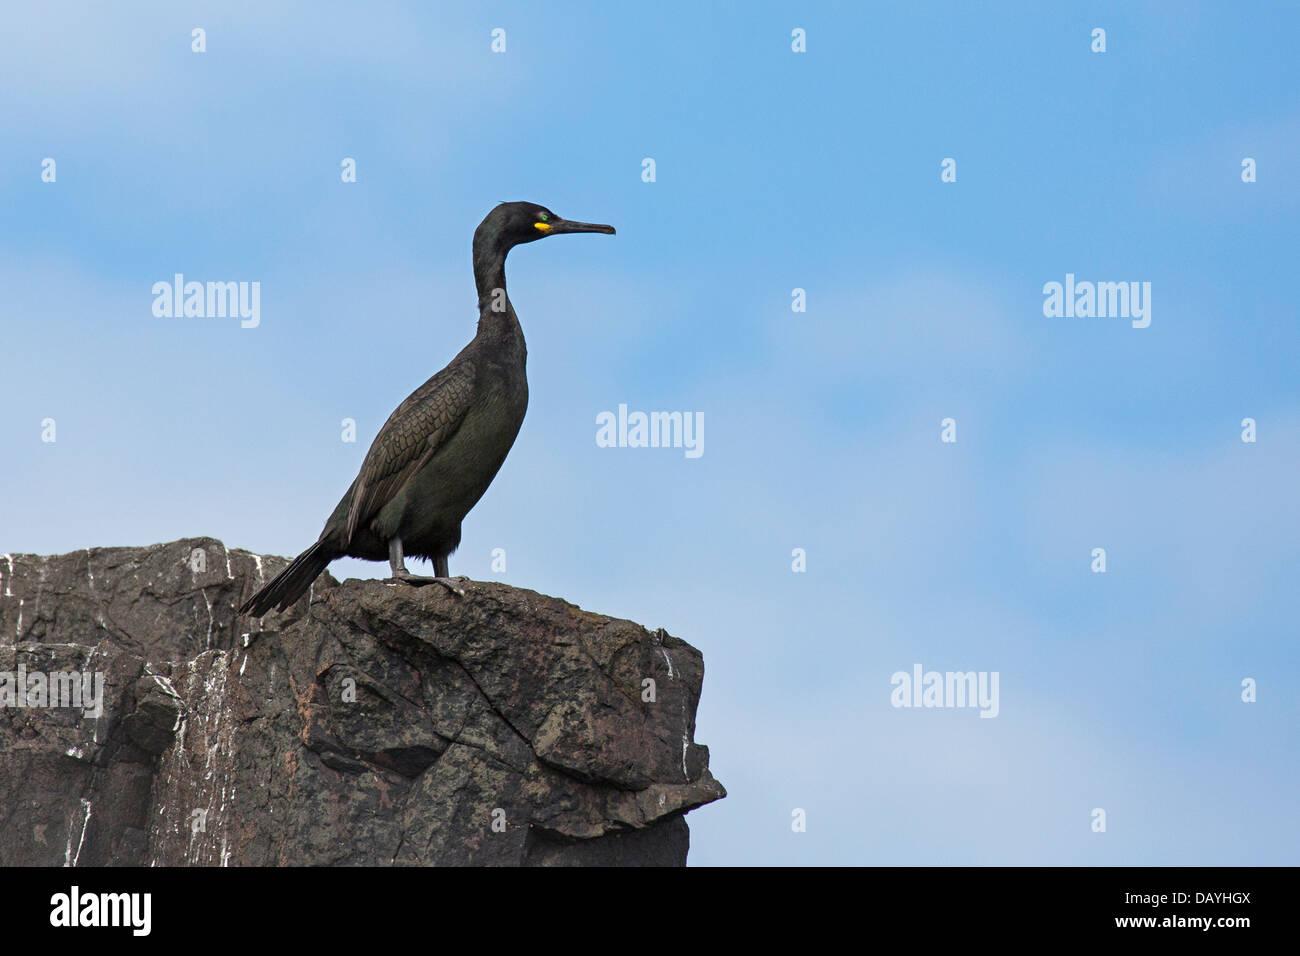 Shag - Stock Image